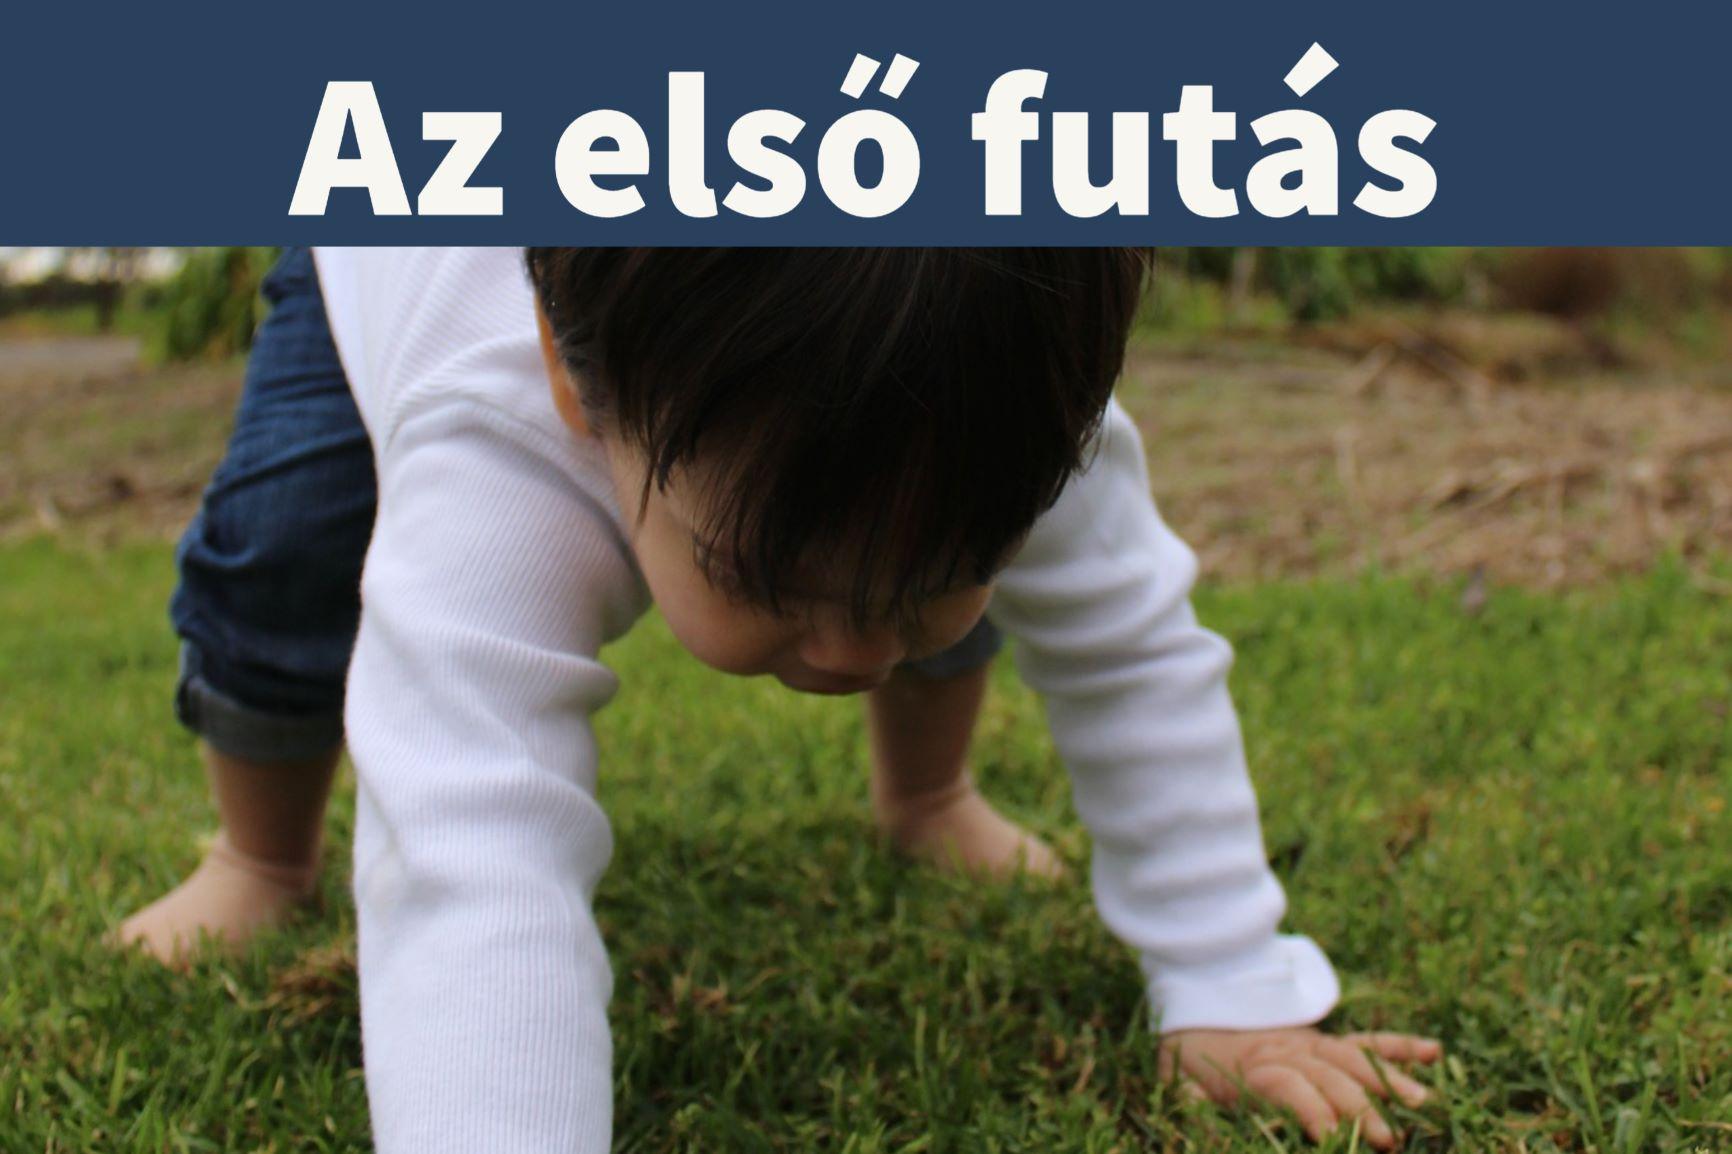 az_elso_futas.jpg